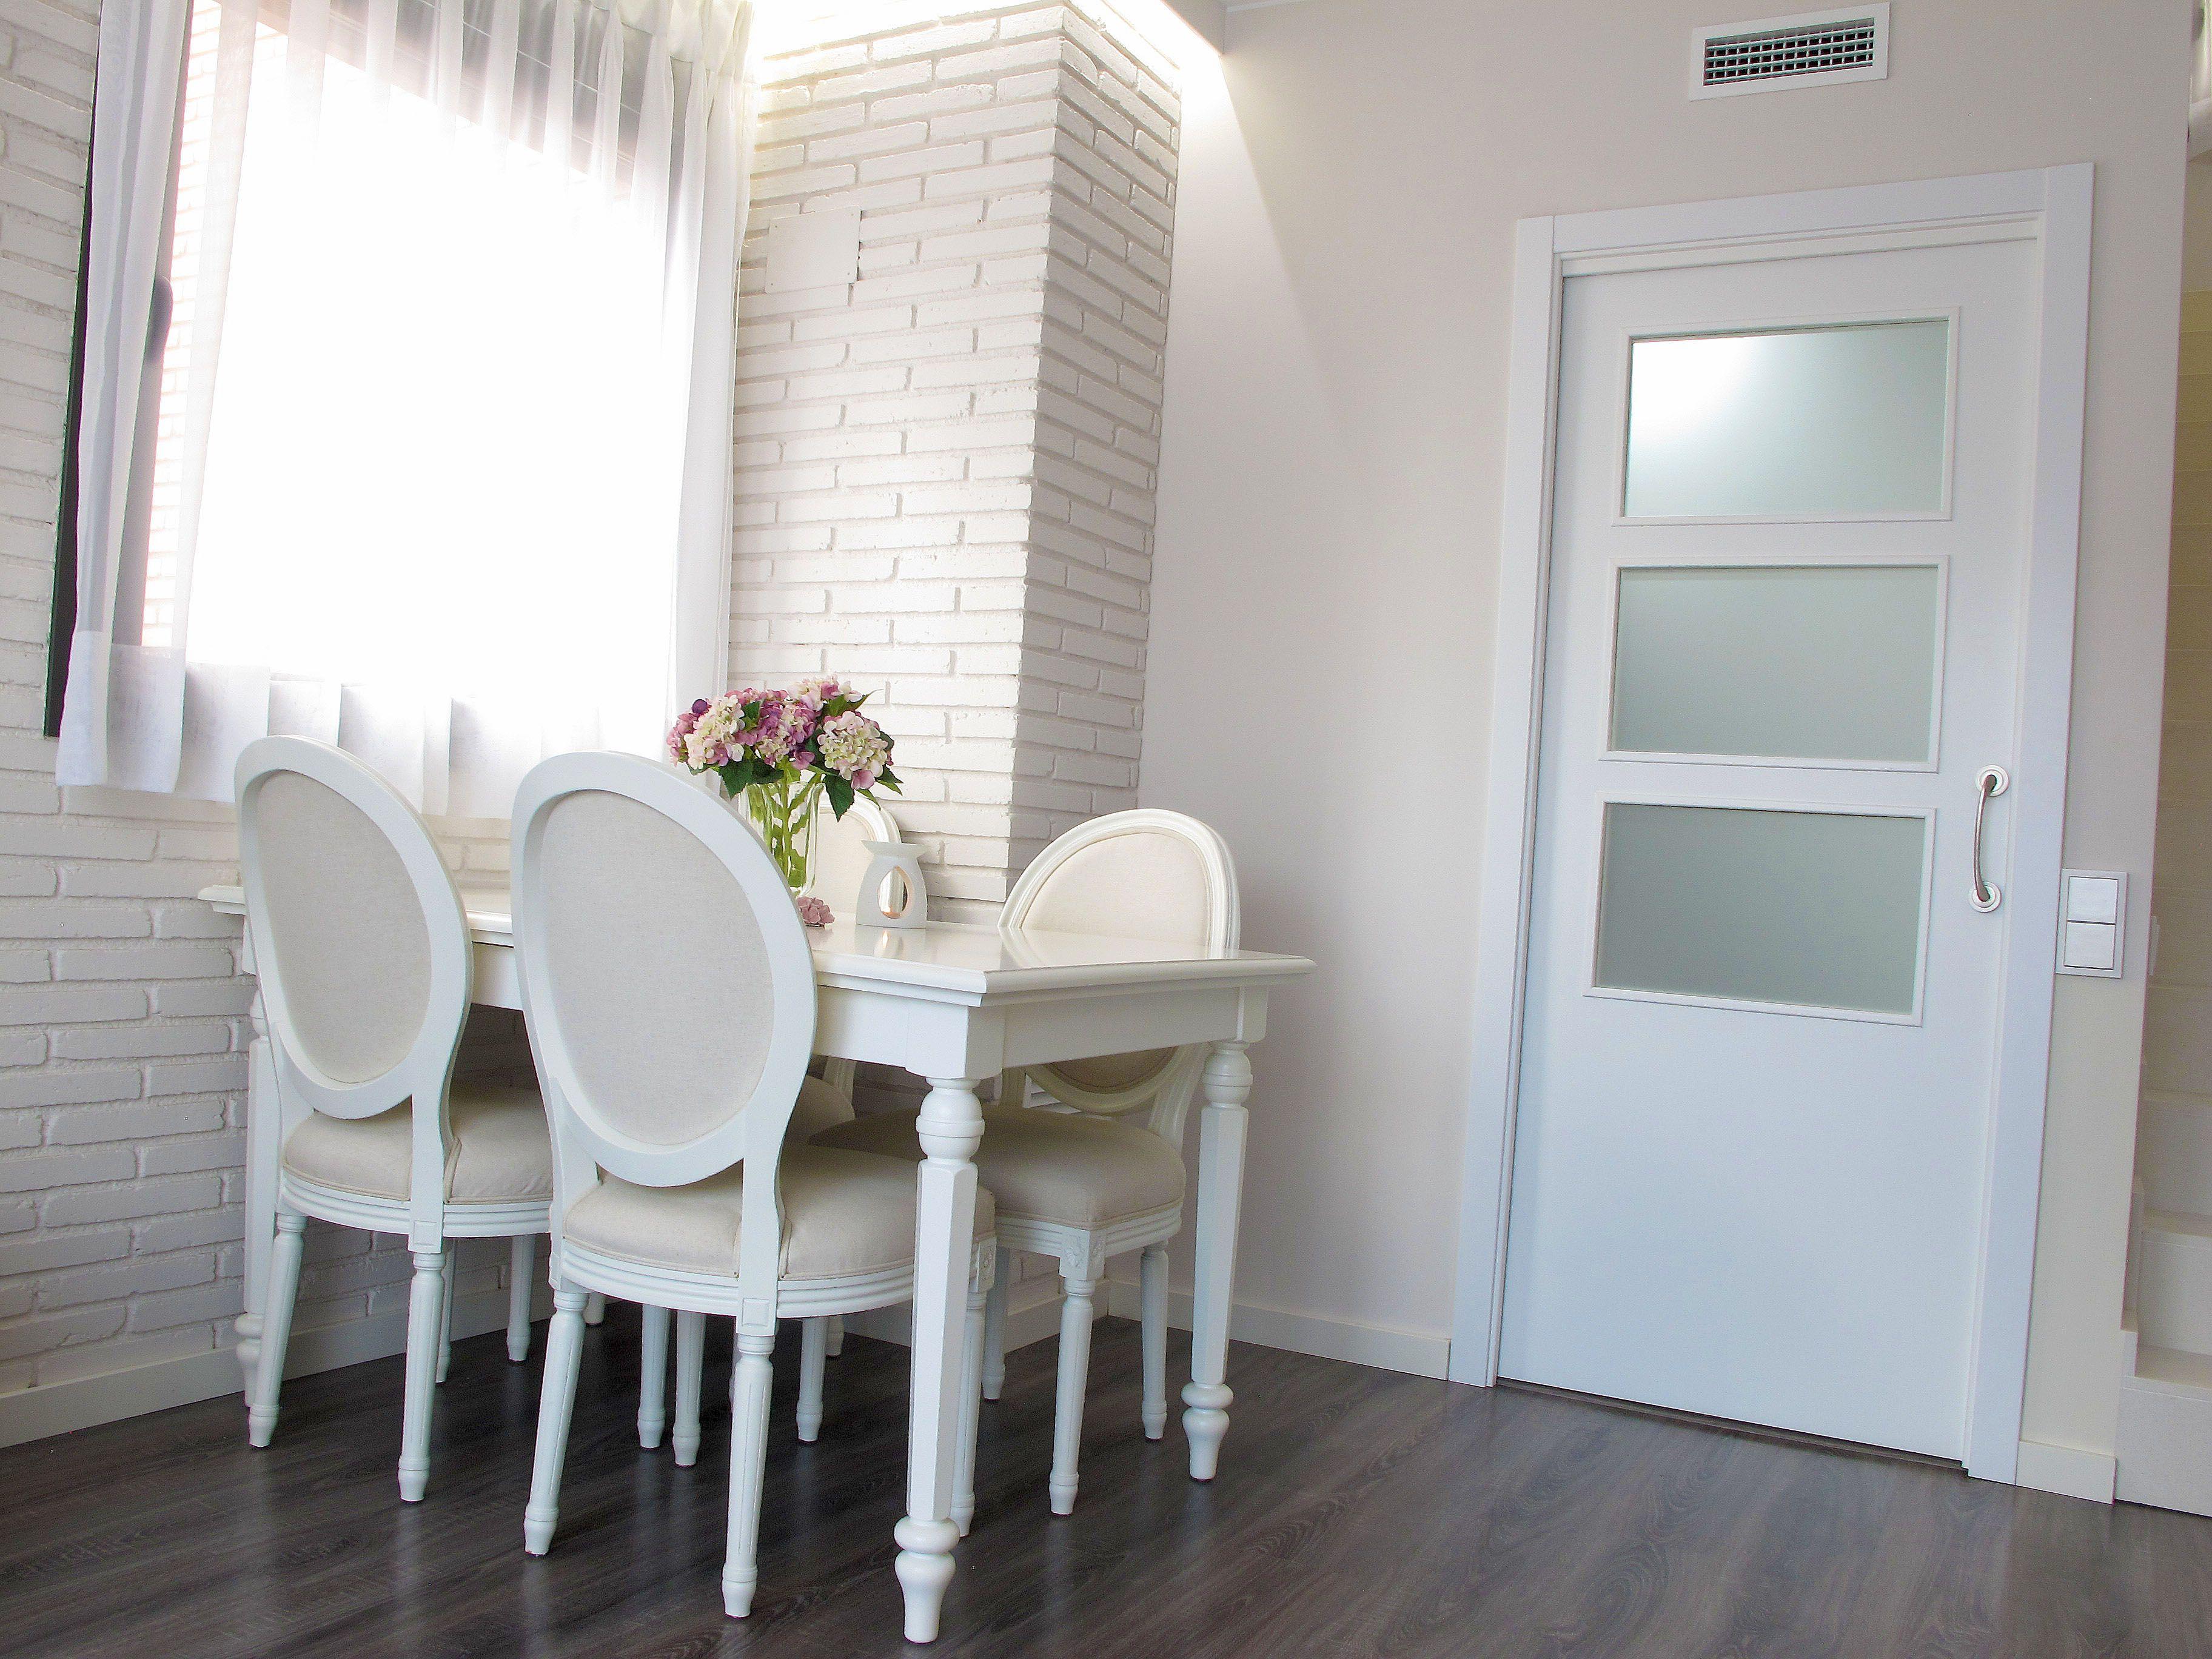 Puertas Pintadas O Lacadas Puertas Blancas Suelo Laminado Puertas  ~ Puertas Blancas Lacadas O Pintadas